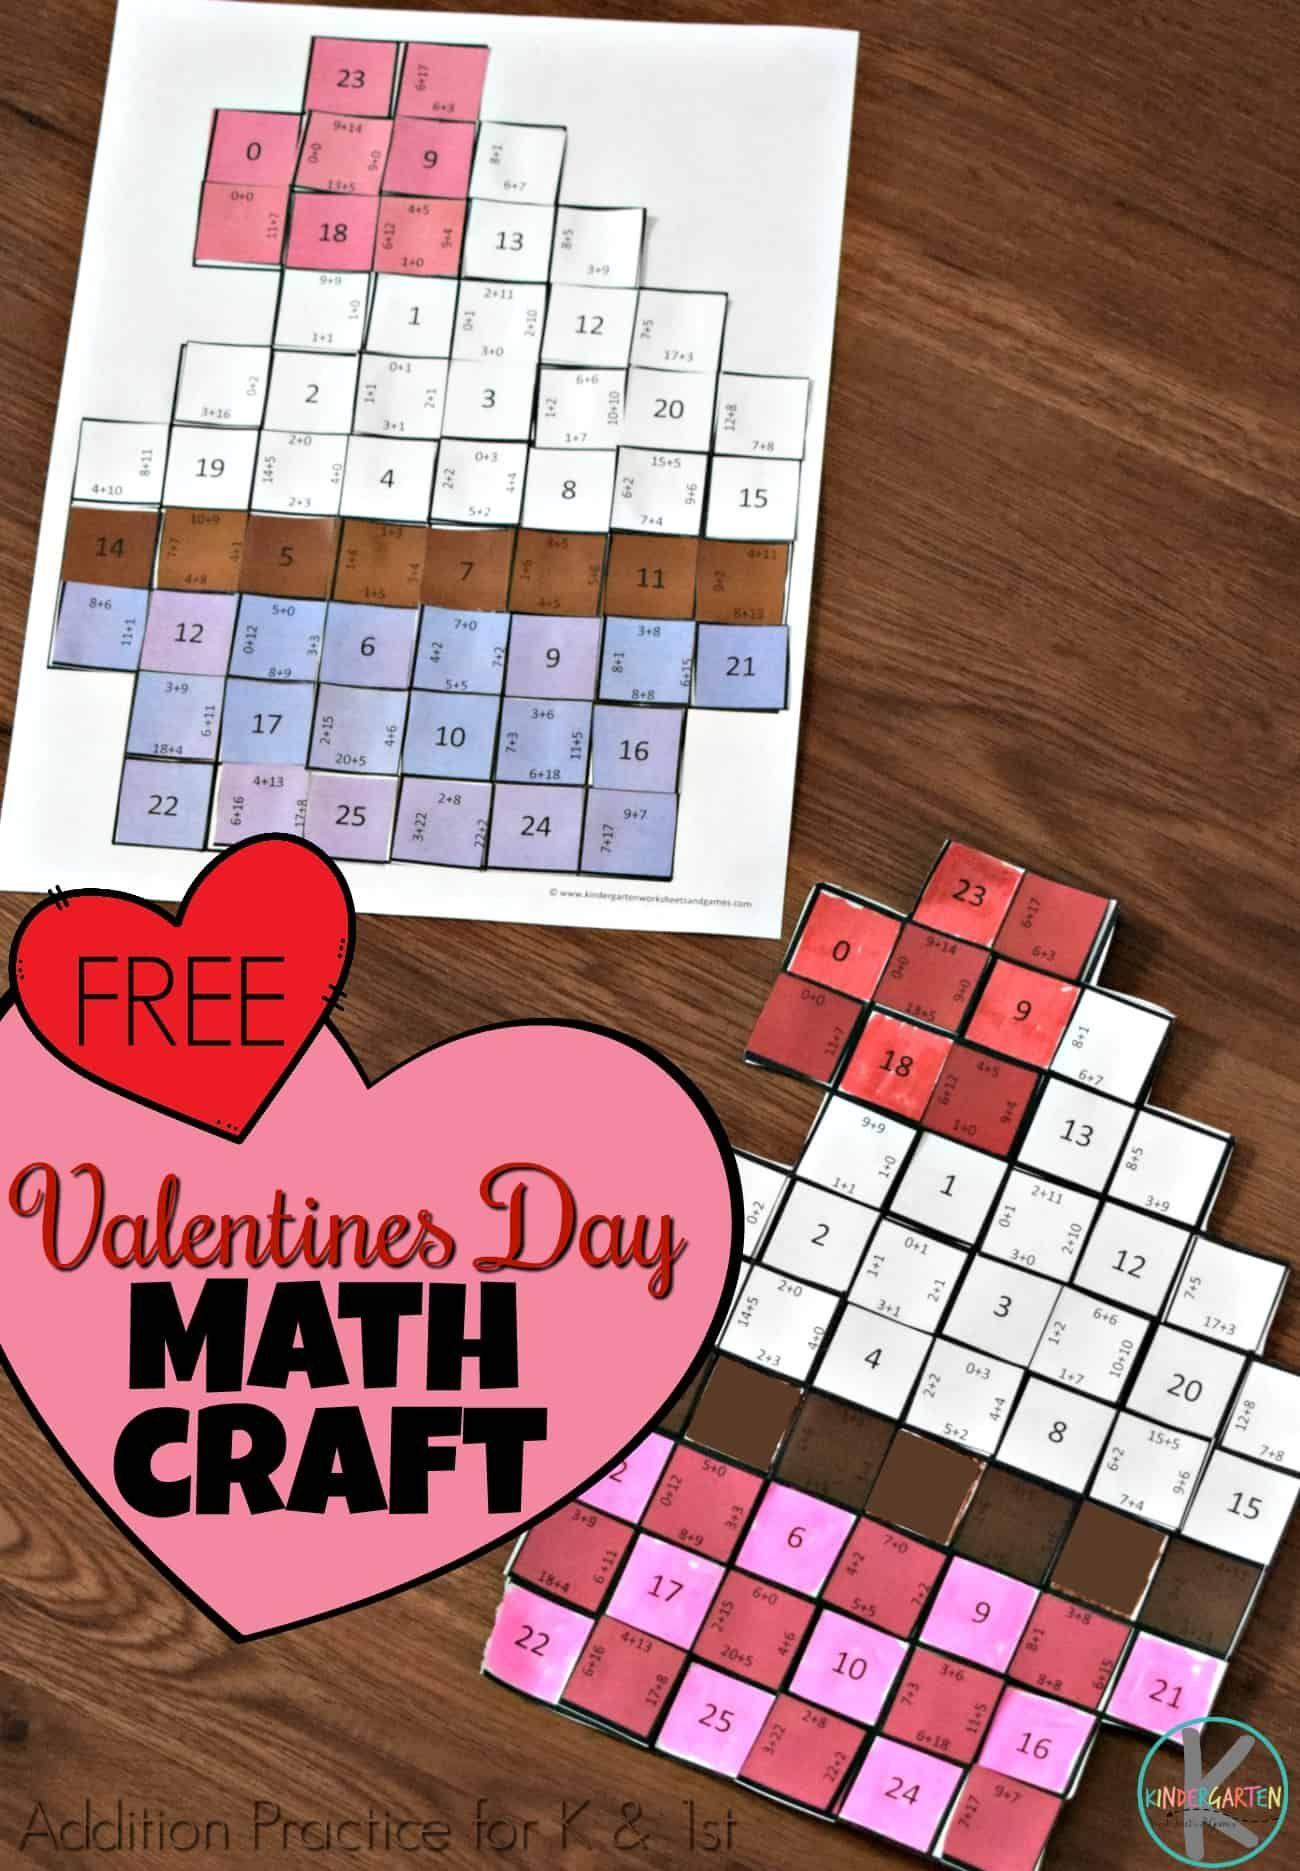 Free Valentines Day Math Craft